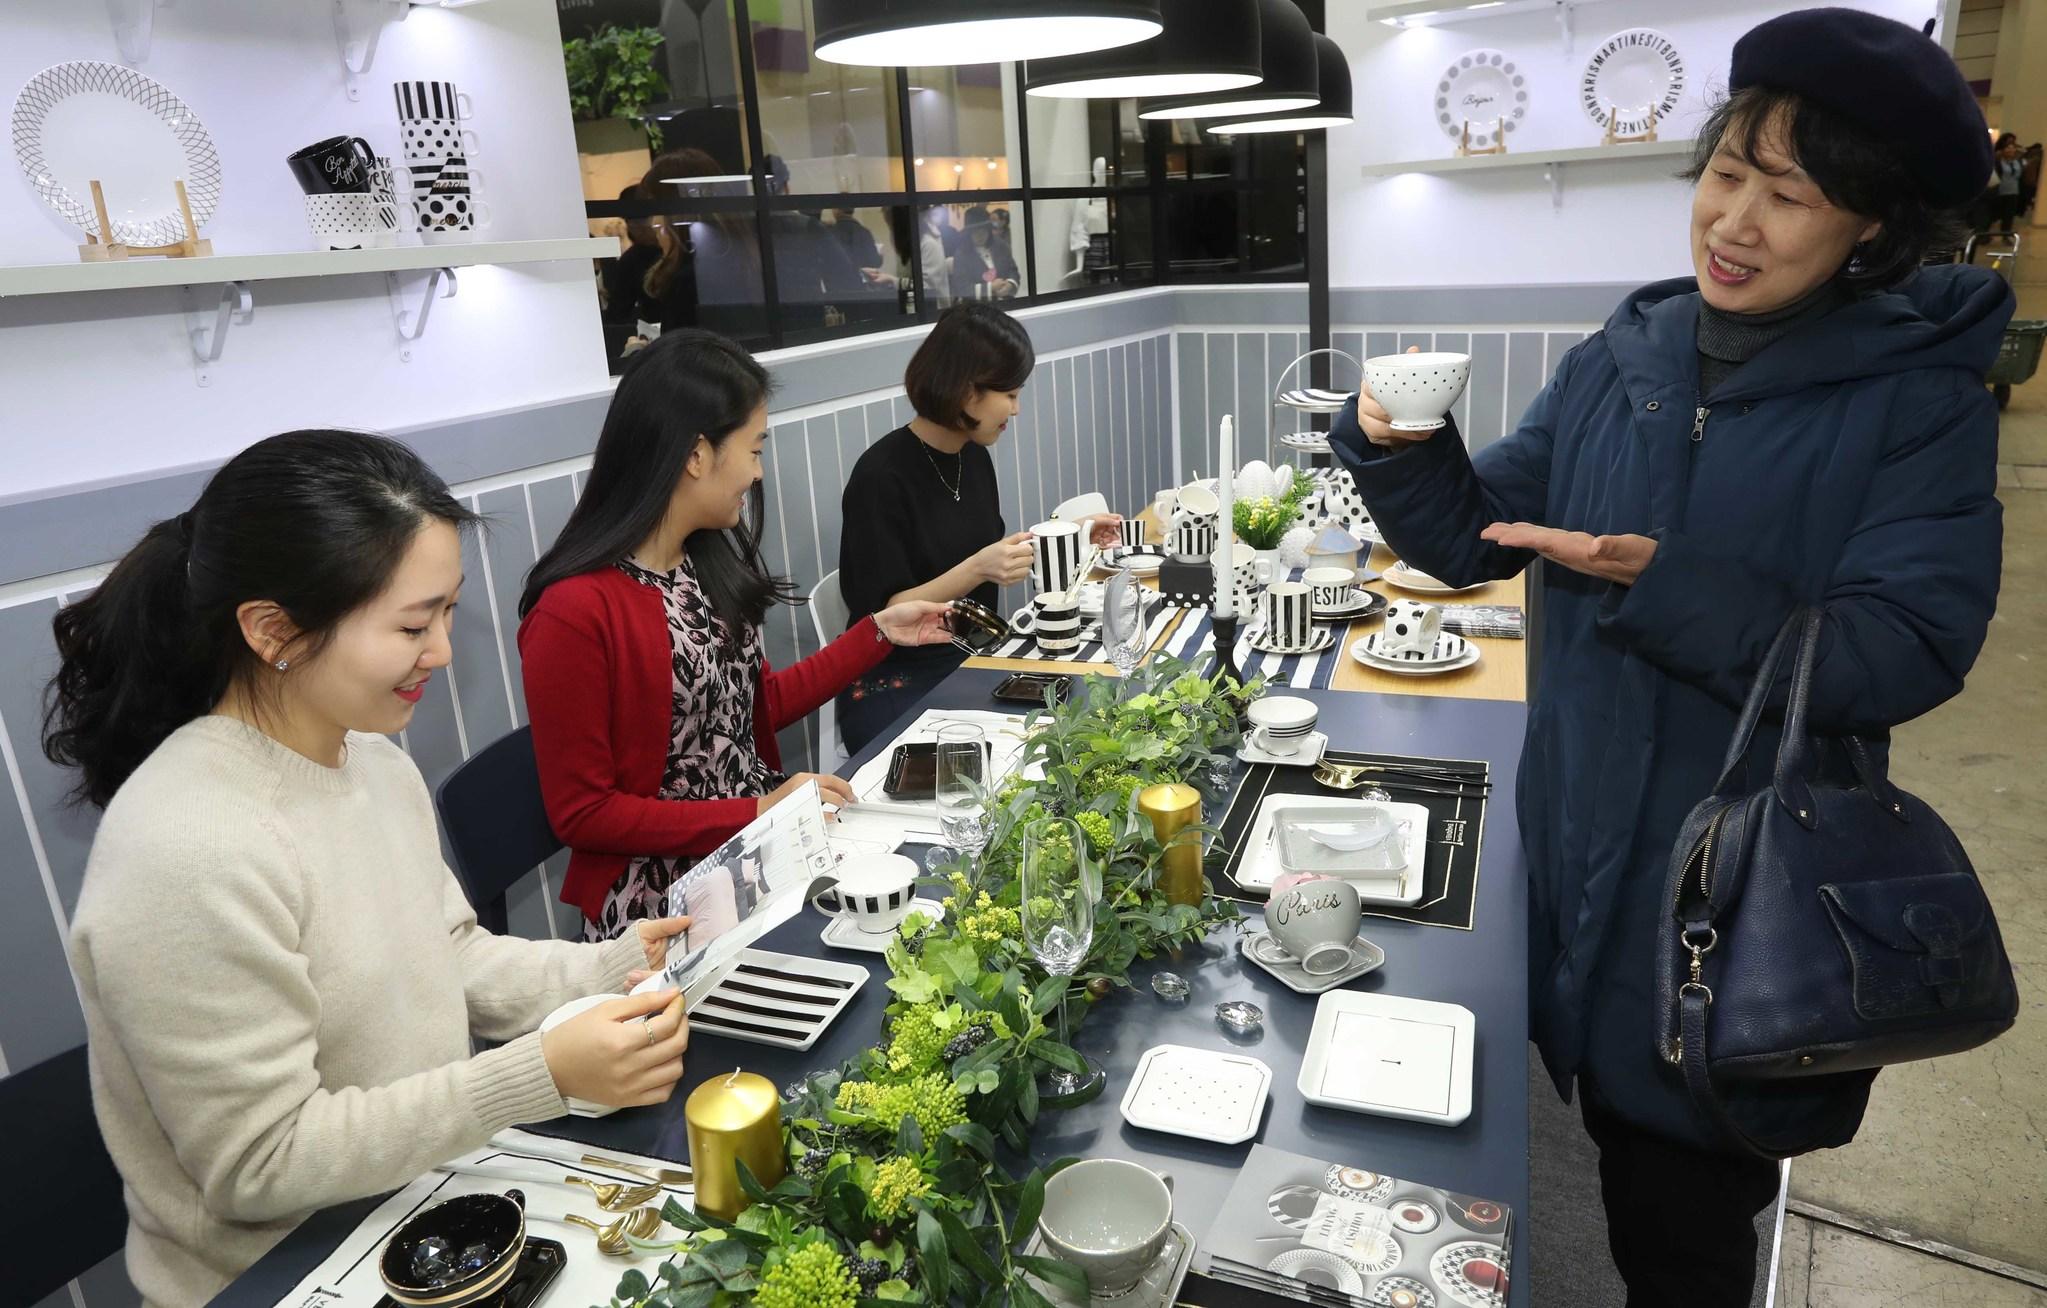 '2017 서울리빙디자인페어' 전시장을 찾은 관람객들이 마틴싯봉의 제품을 살펴보고있다. 김상선 기자